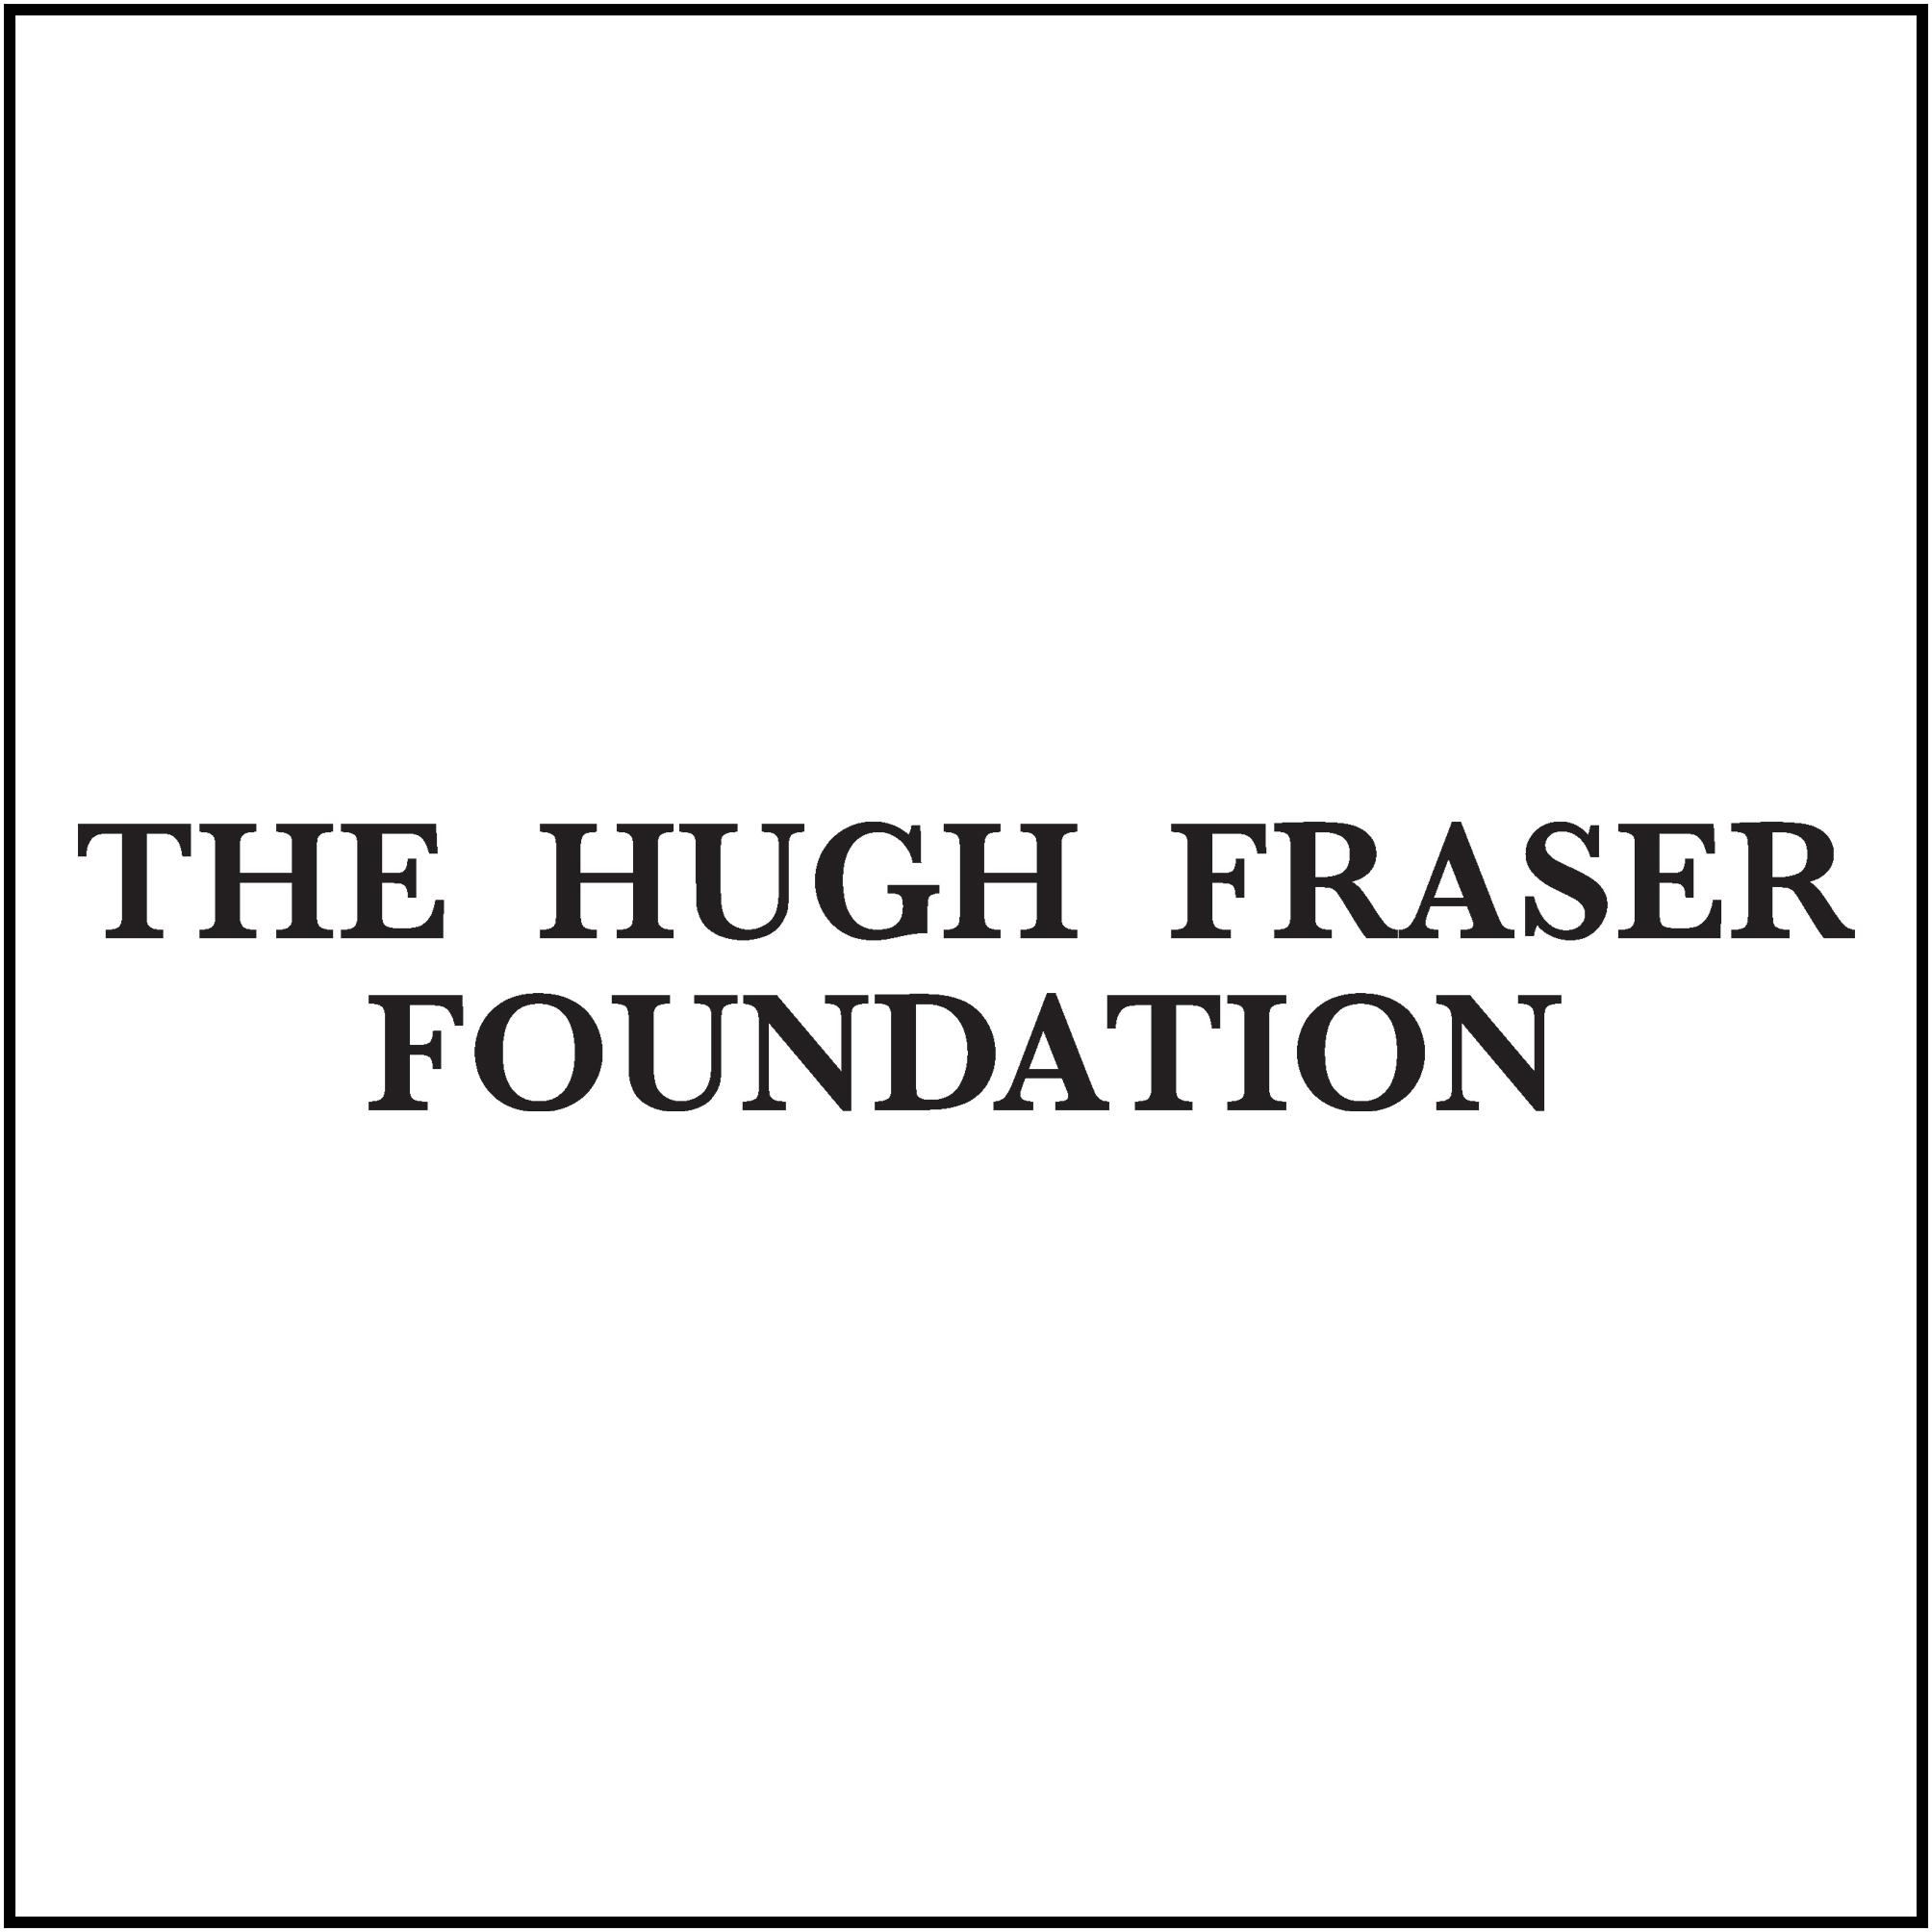 Hugh Fraser Foundation logo